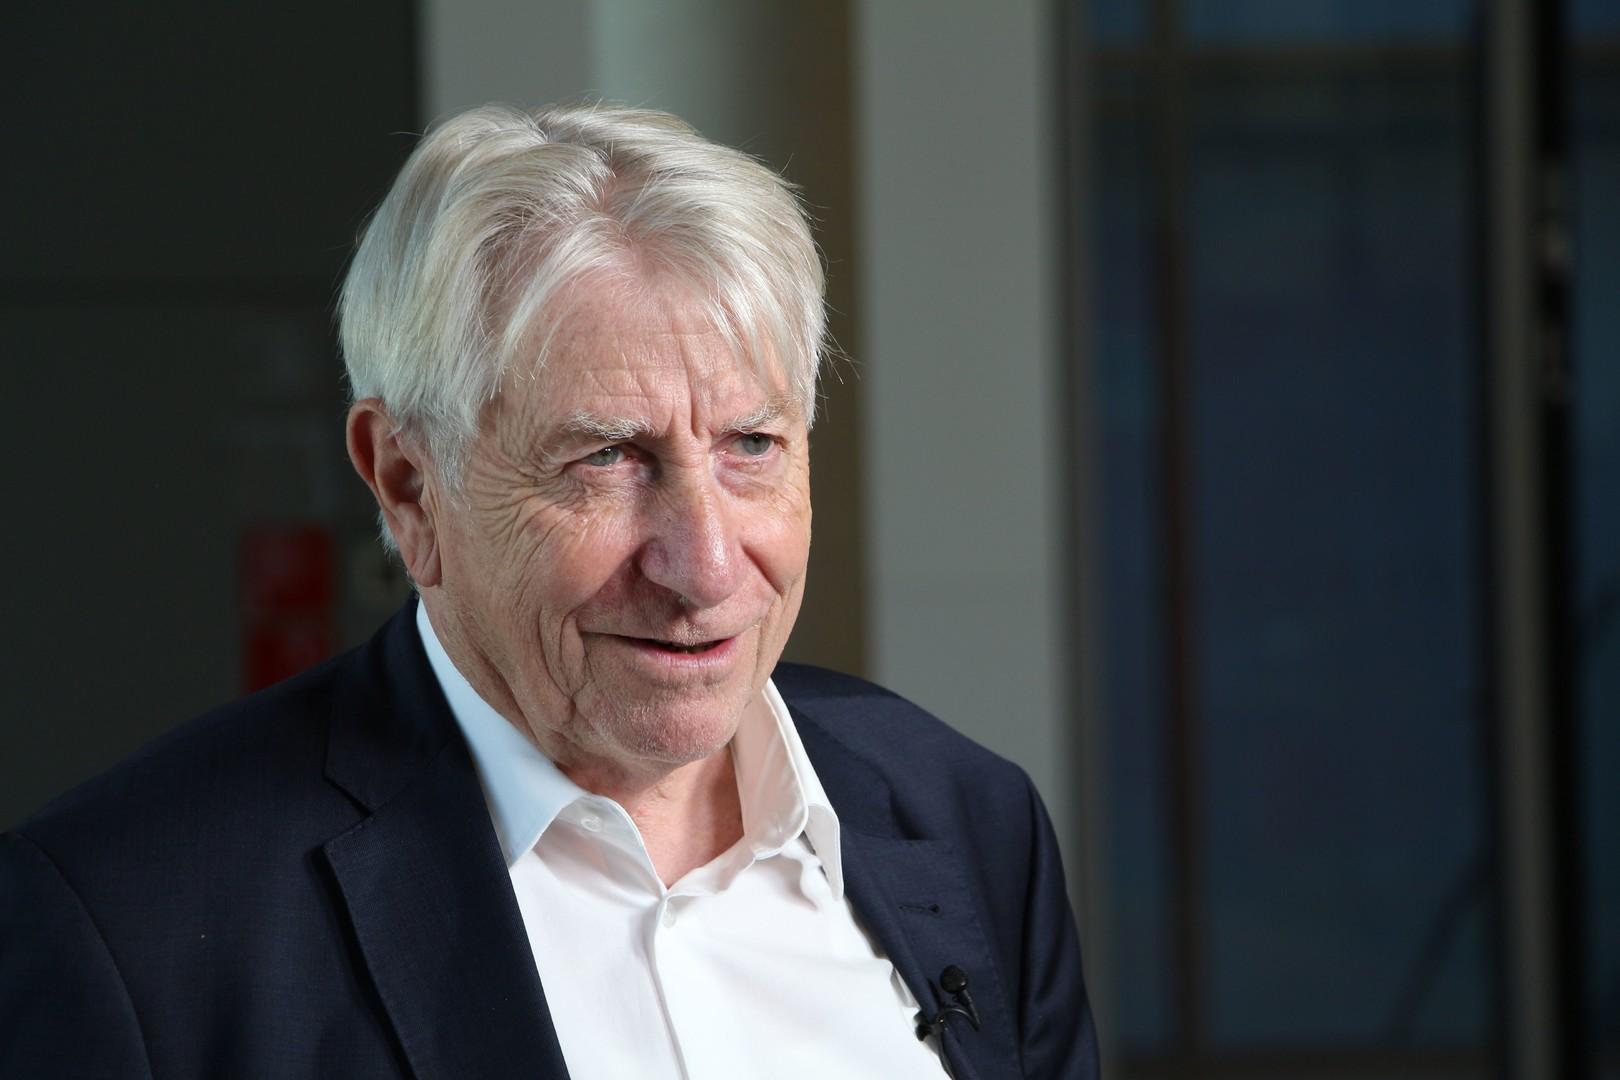 """Wolfgang Gehrke, Stellvertretender Fraktionsvorsitzender Die Linke, reiste in den vergangenen Jahren mehrmals in die Ostukraine. Er unterstützt die """"Humanitäre Aktion für Gorlowka""""."""